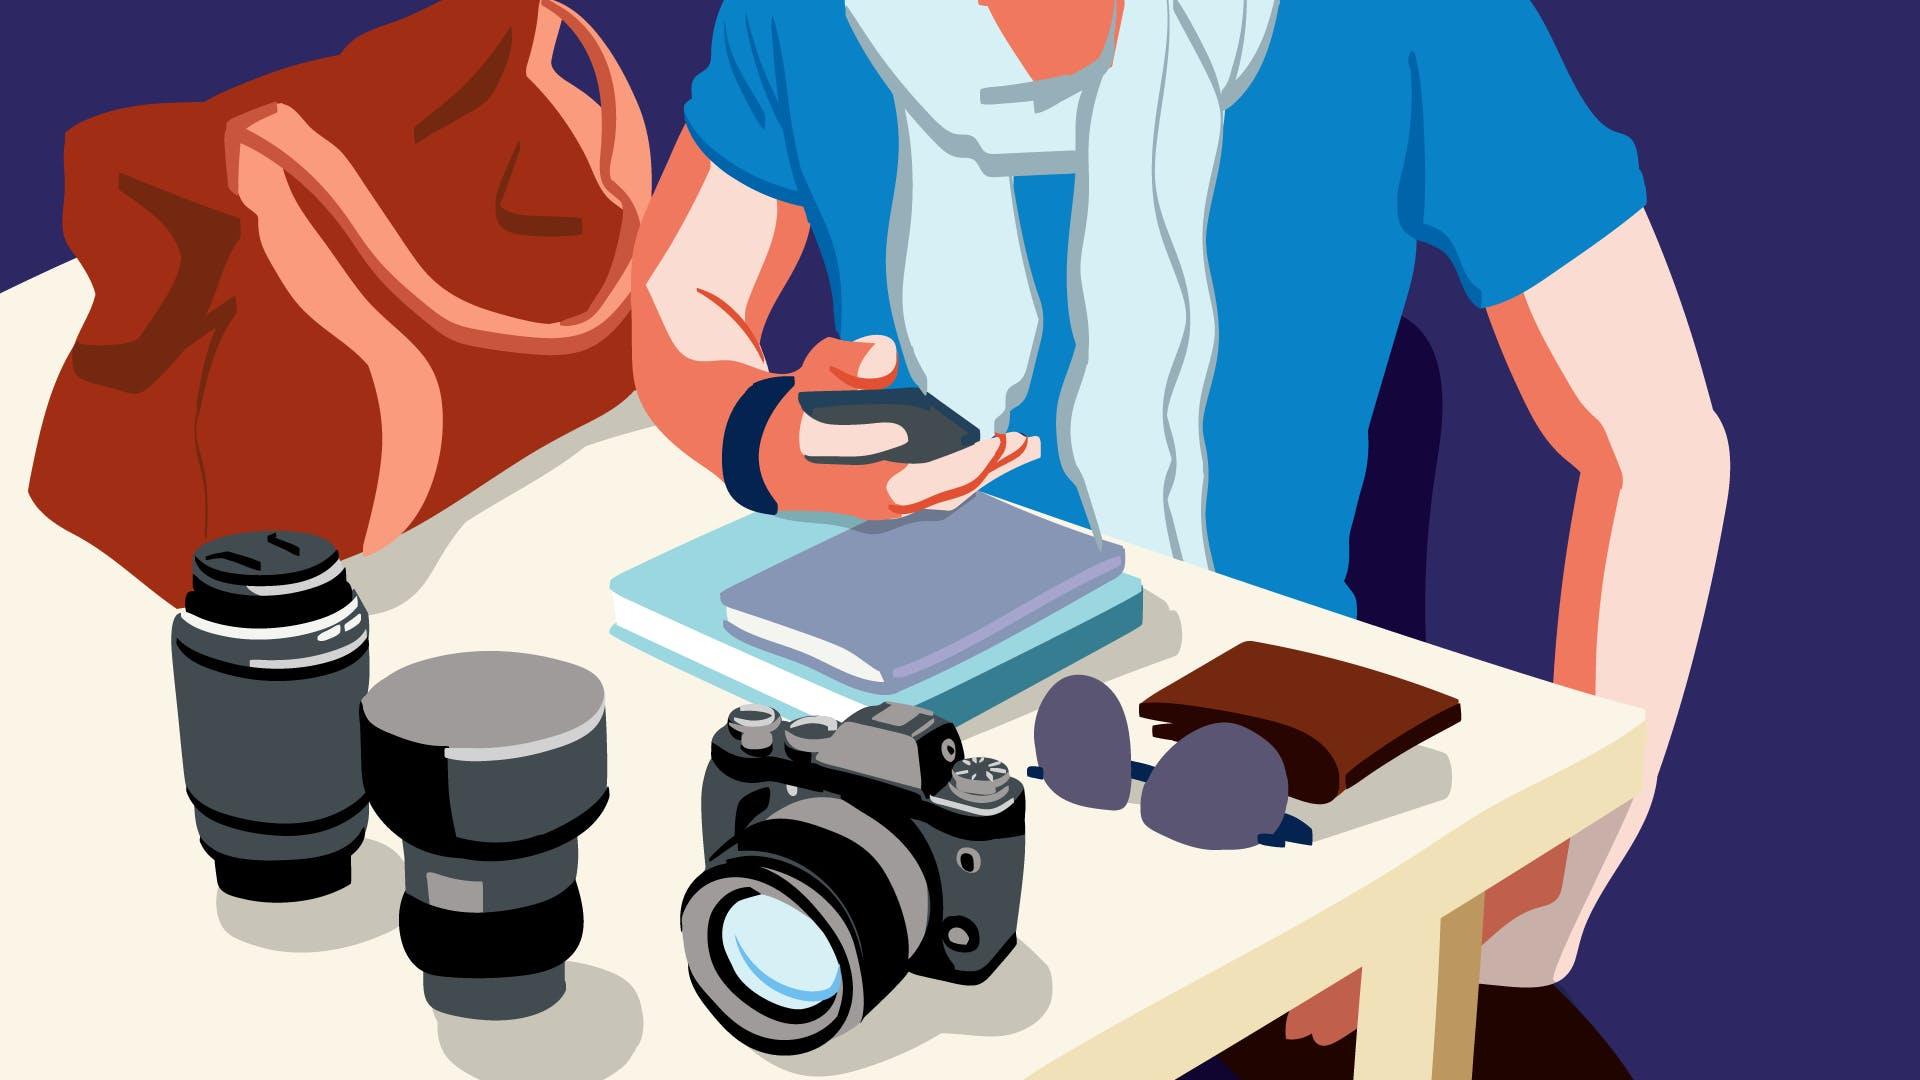 Fotograf vor seiner Kameraausrüstung an einem Tisch sitzend, prüft am Smartphone sinnvolle Tipps und Tricks für erfolgreiches Instagram Marketing.